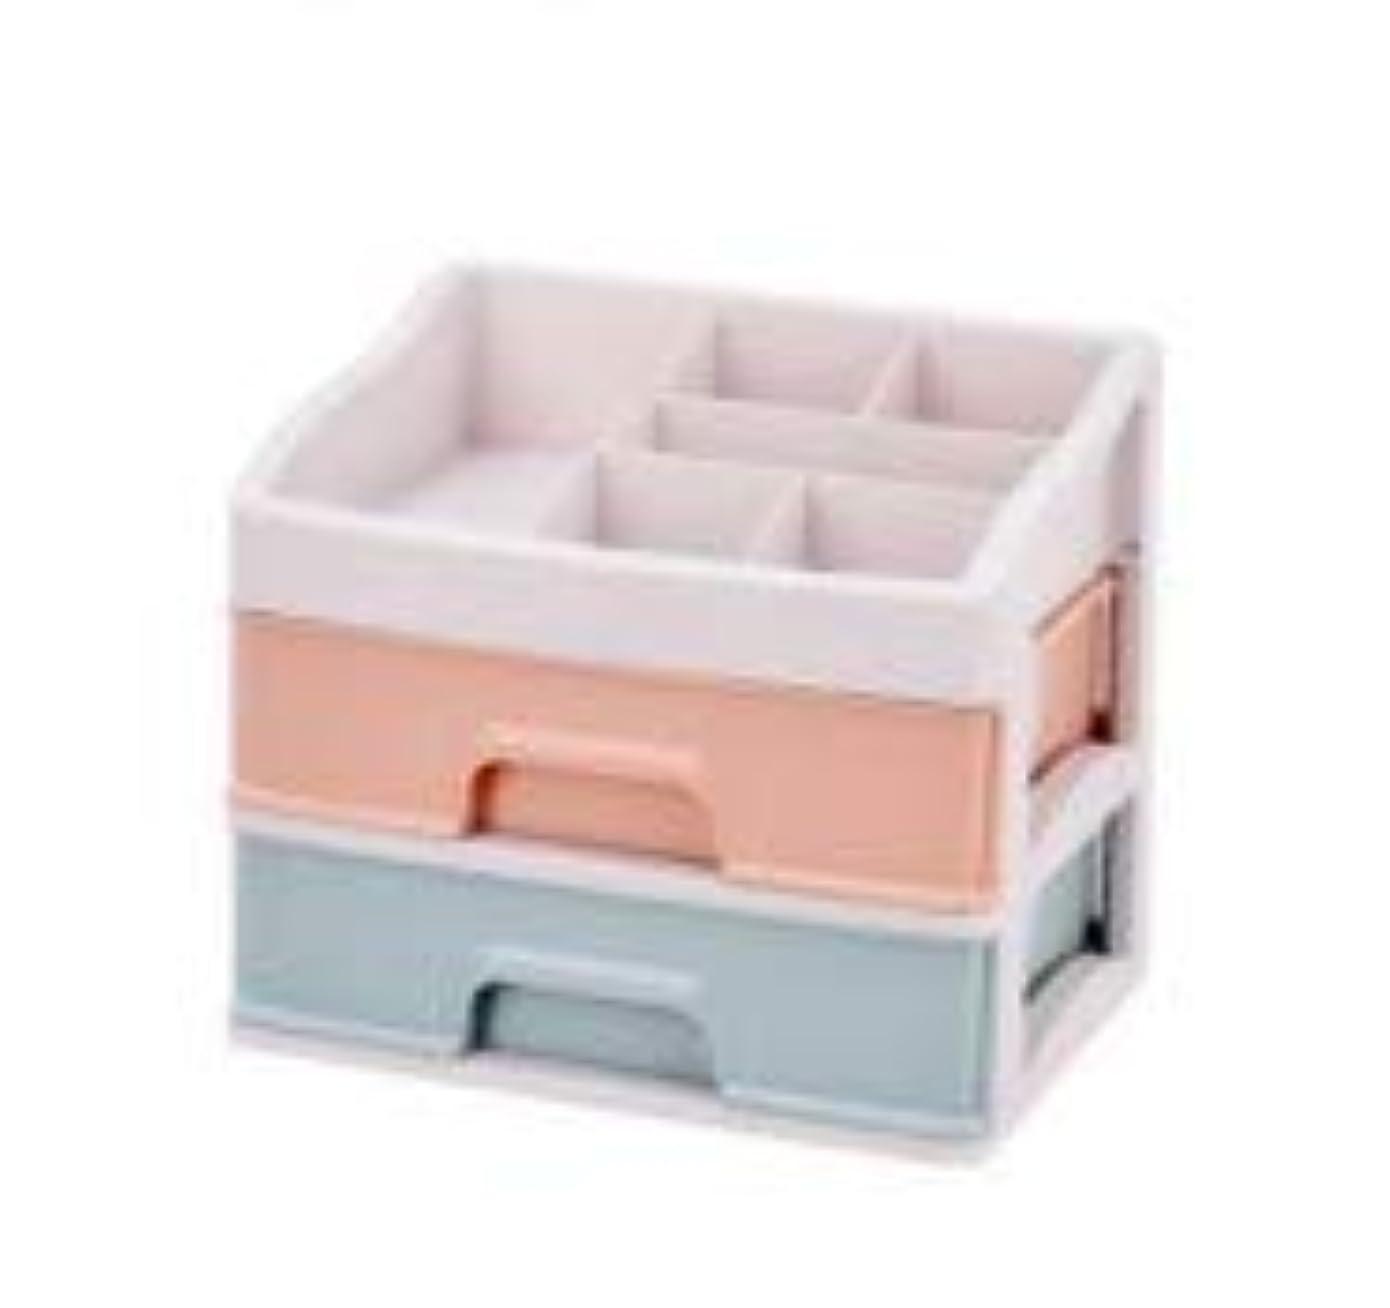 キネマティクス展望台帰る化粧品収納ボックス引き出しデスクトップ収納ラック化粧台化粧品ケーススキンケア製品 (Size : M)